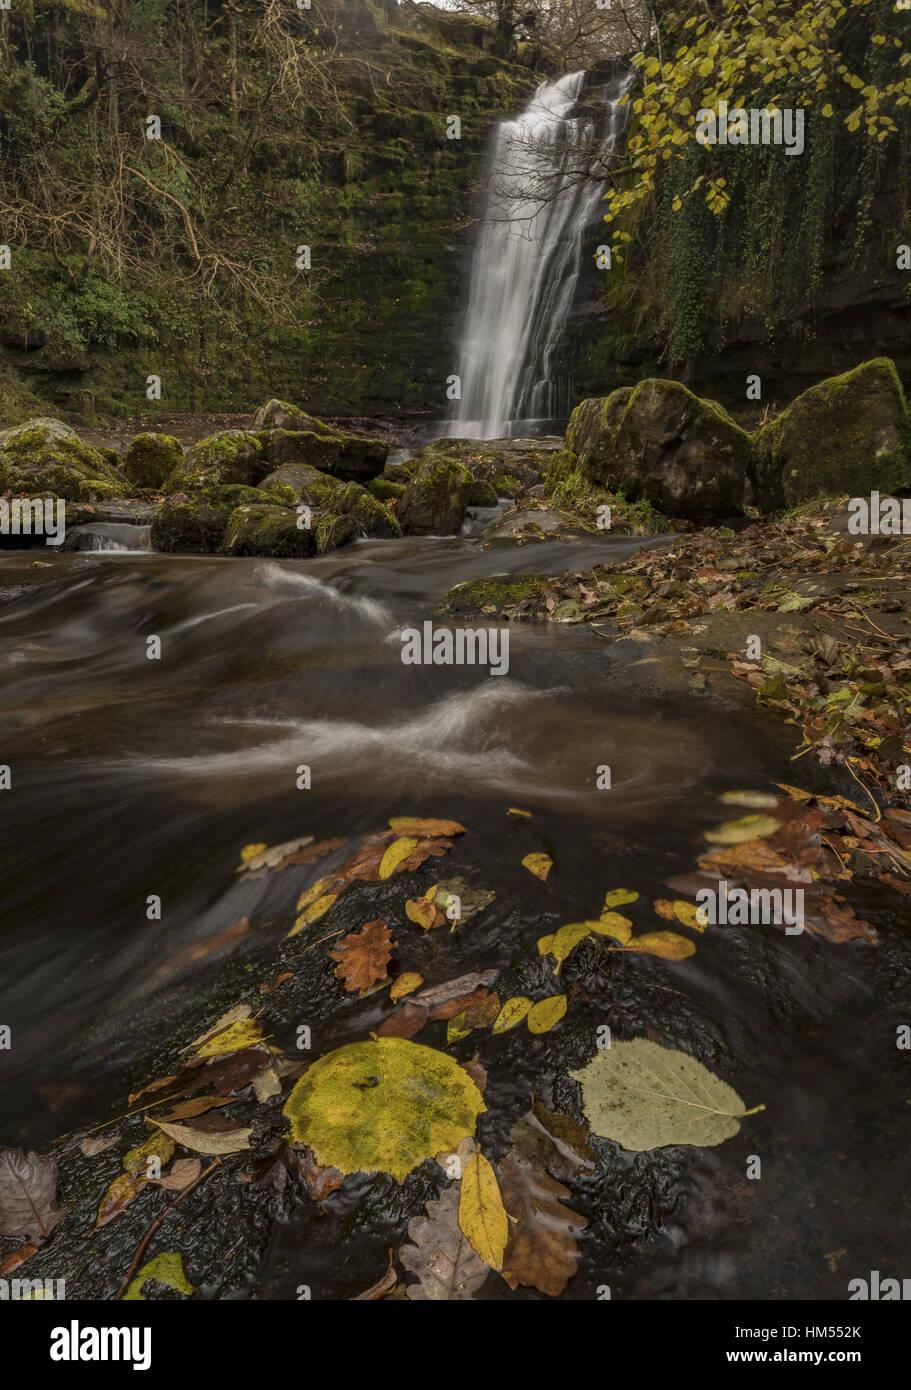 Uno de los Blaen y Glyn Cascadas, sobre el río Caerfanell, (afluente del Usk), con hojas caídas; de Brecon Beacons. Foto de stock